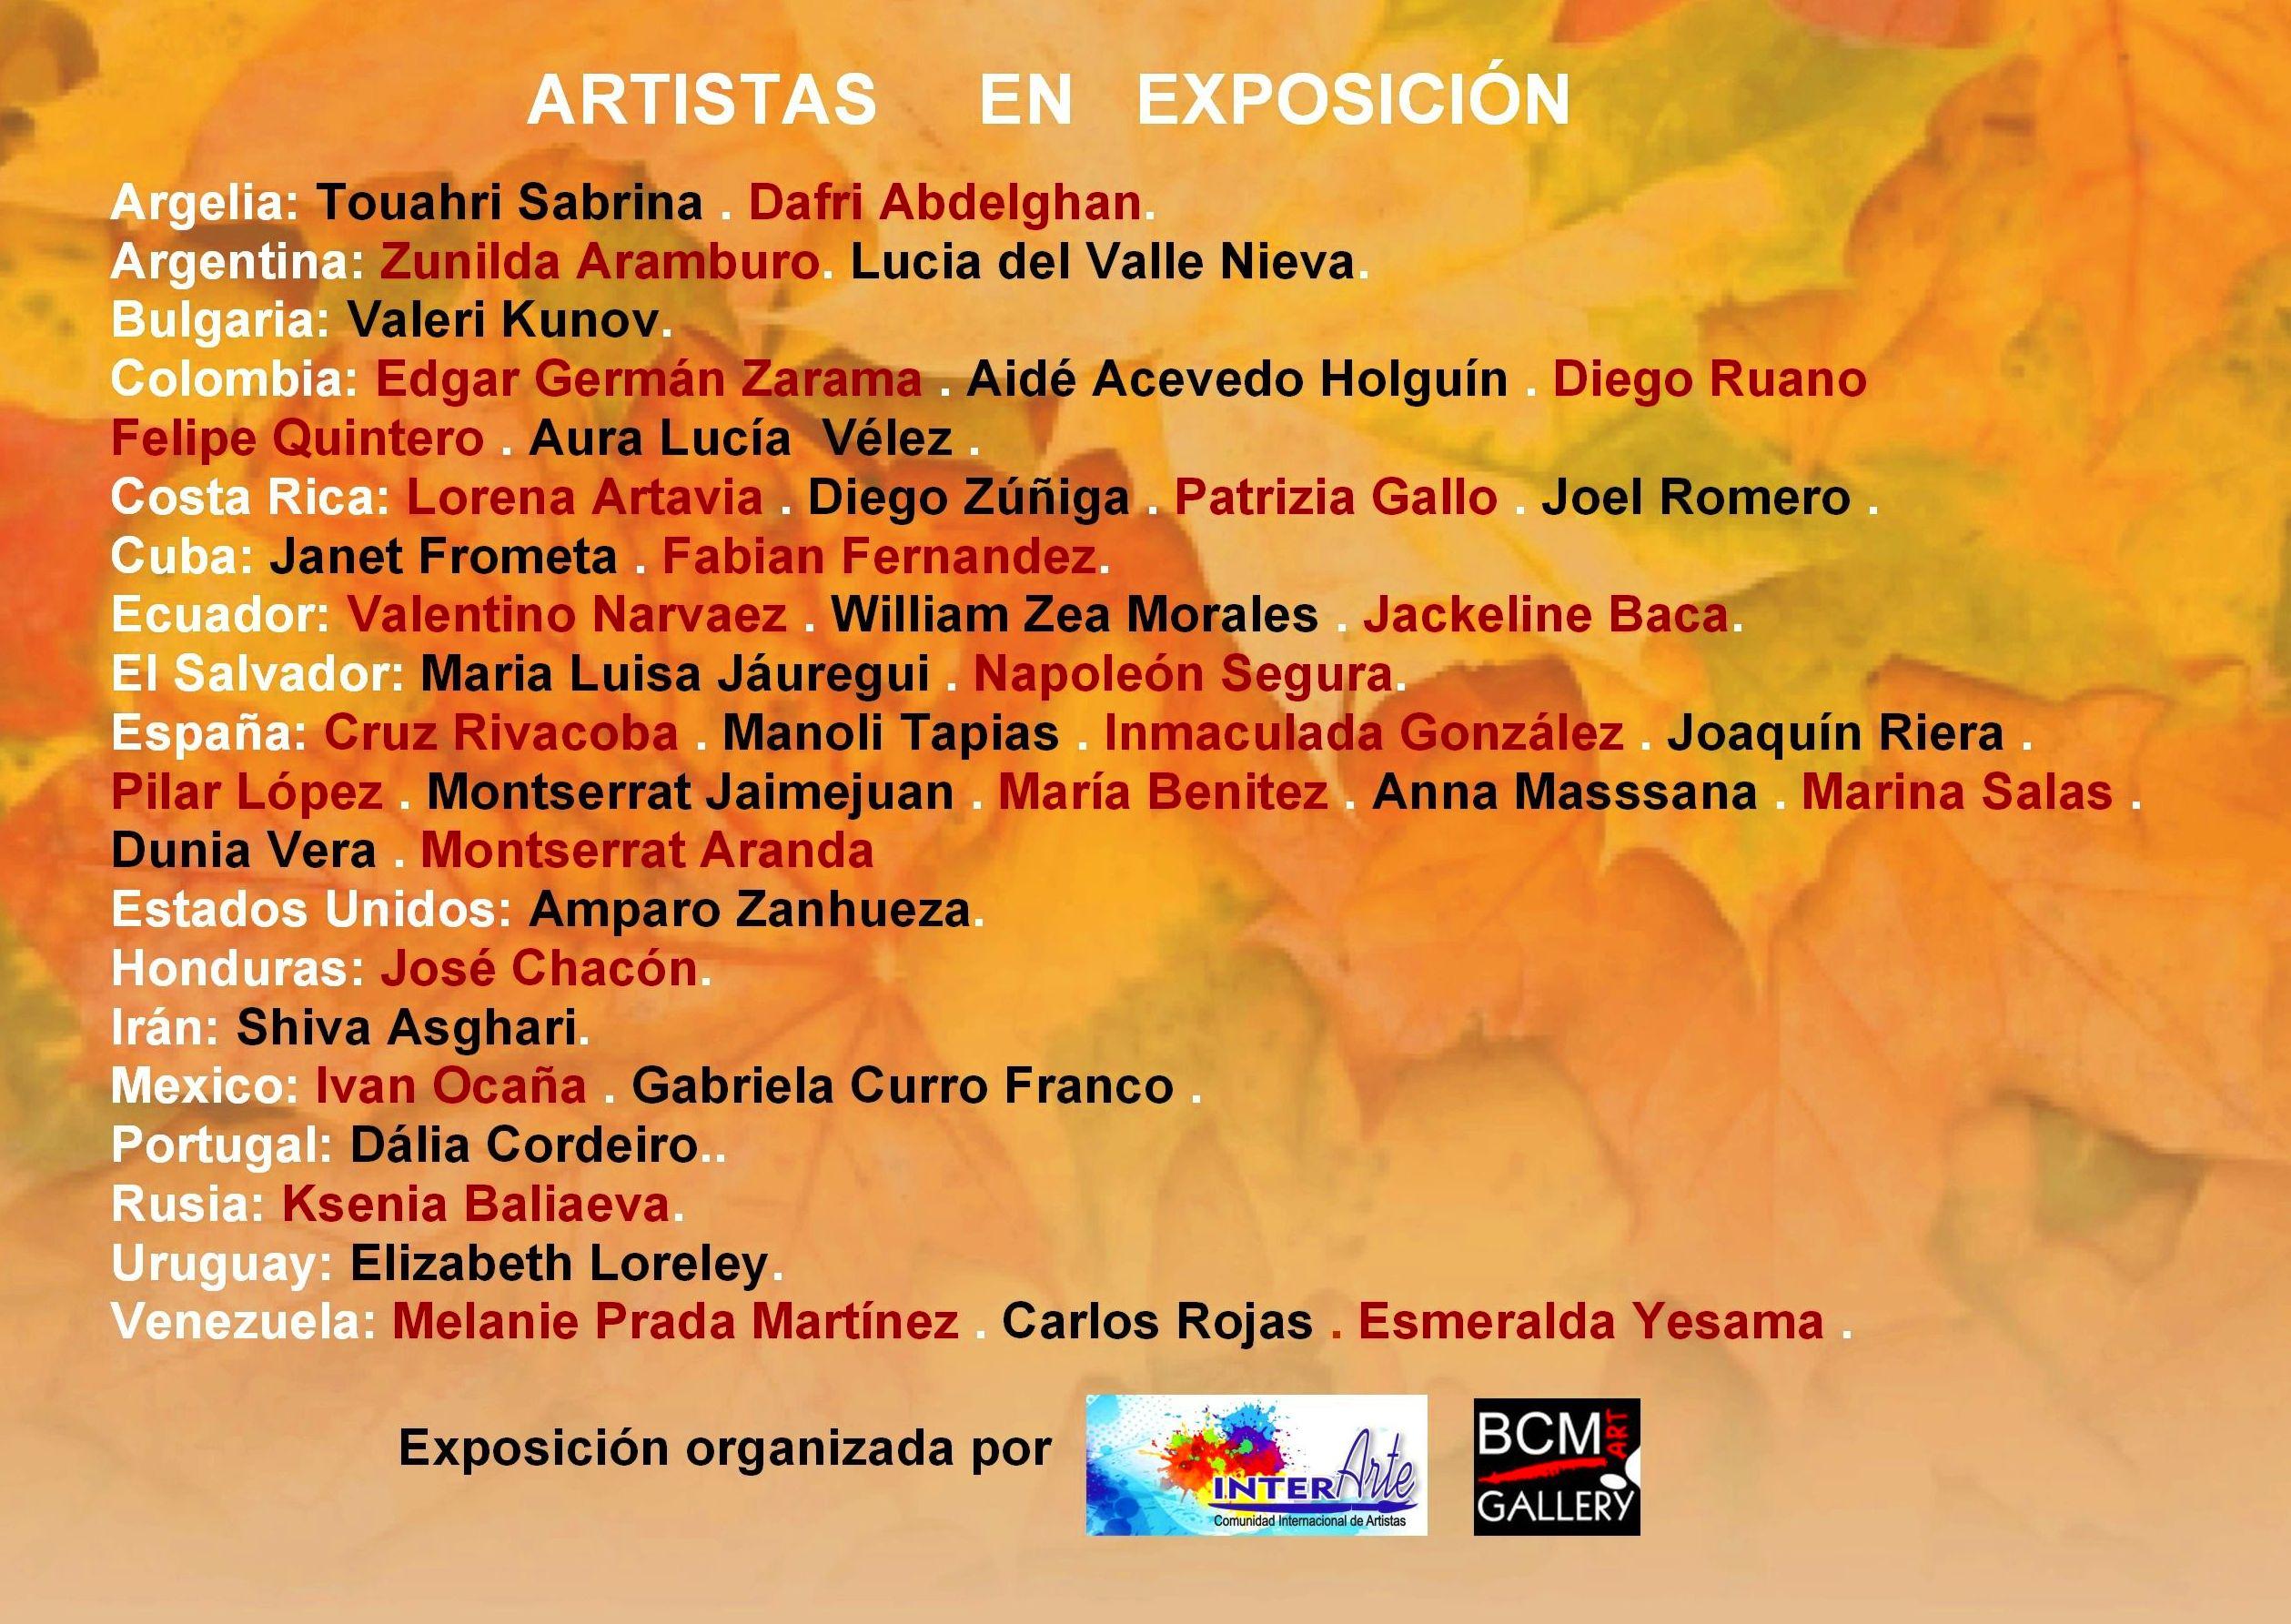 Salón Internacional  otoño  INTERARTE, Comunidad Internacional de Artistas: Exposiciones y artistas  de BCM Art Gallery